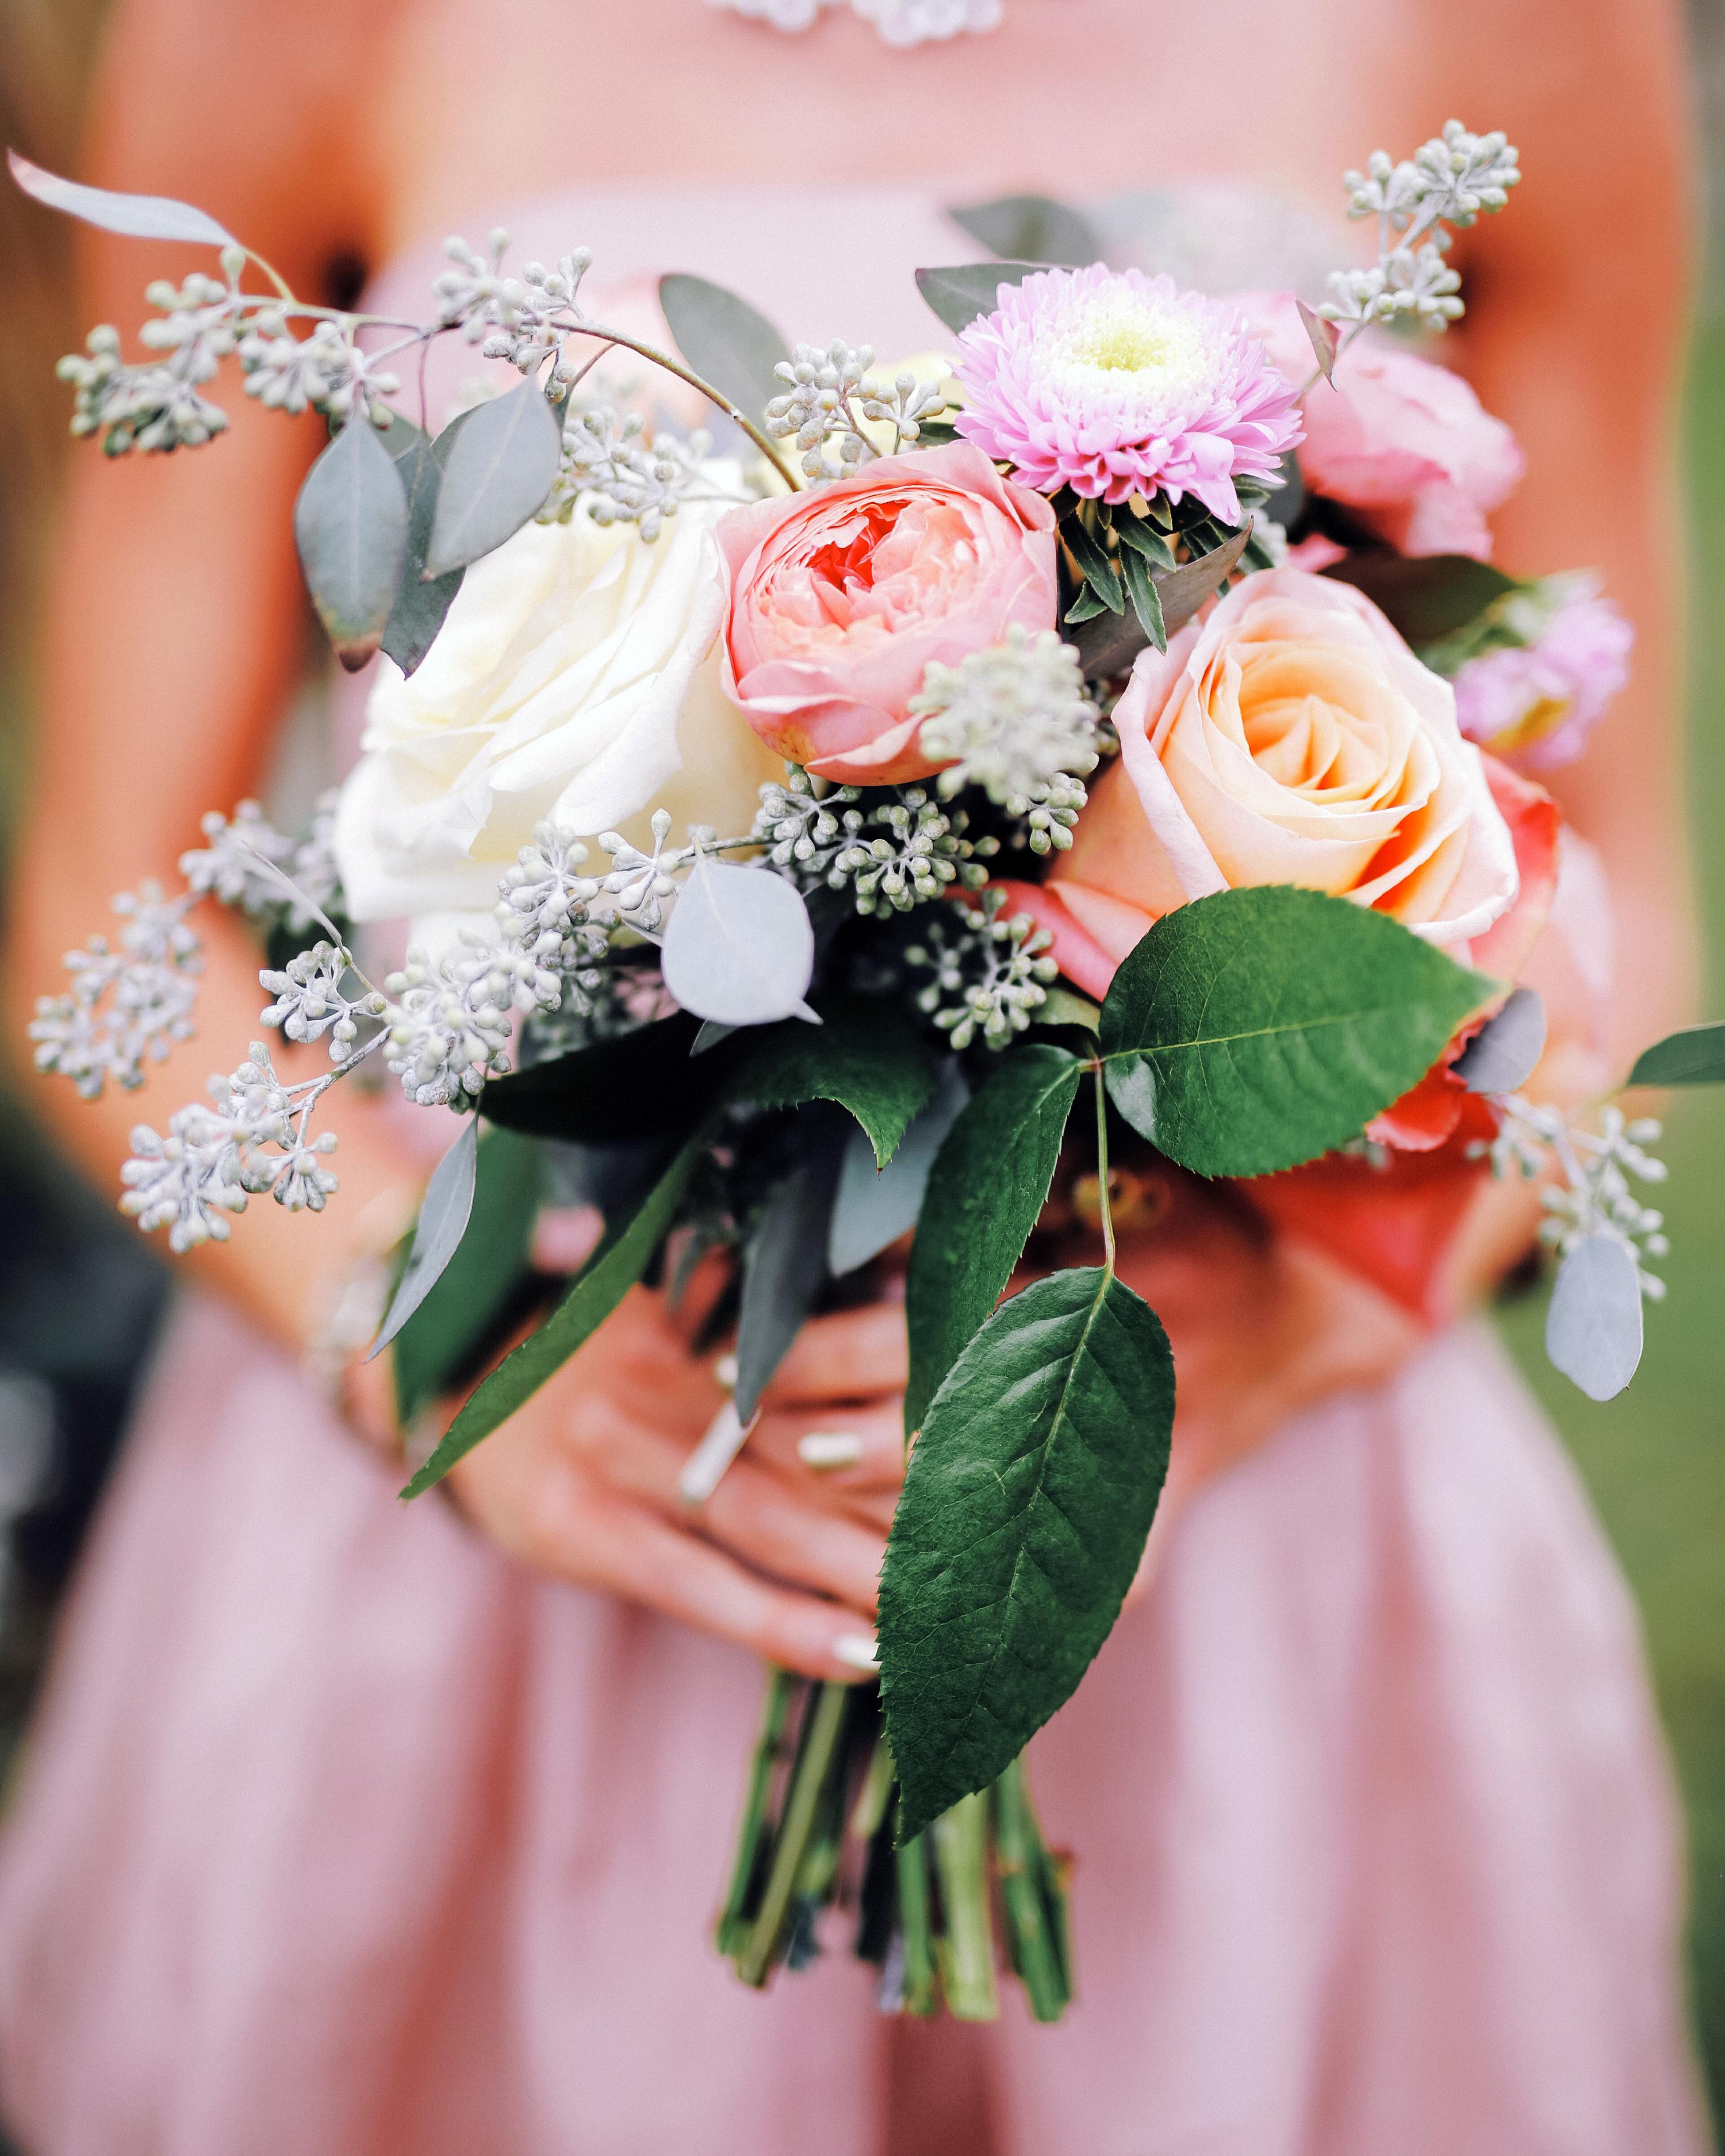 katie-brian-wedding-bouquet-3215-s111885-0515.jpg